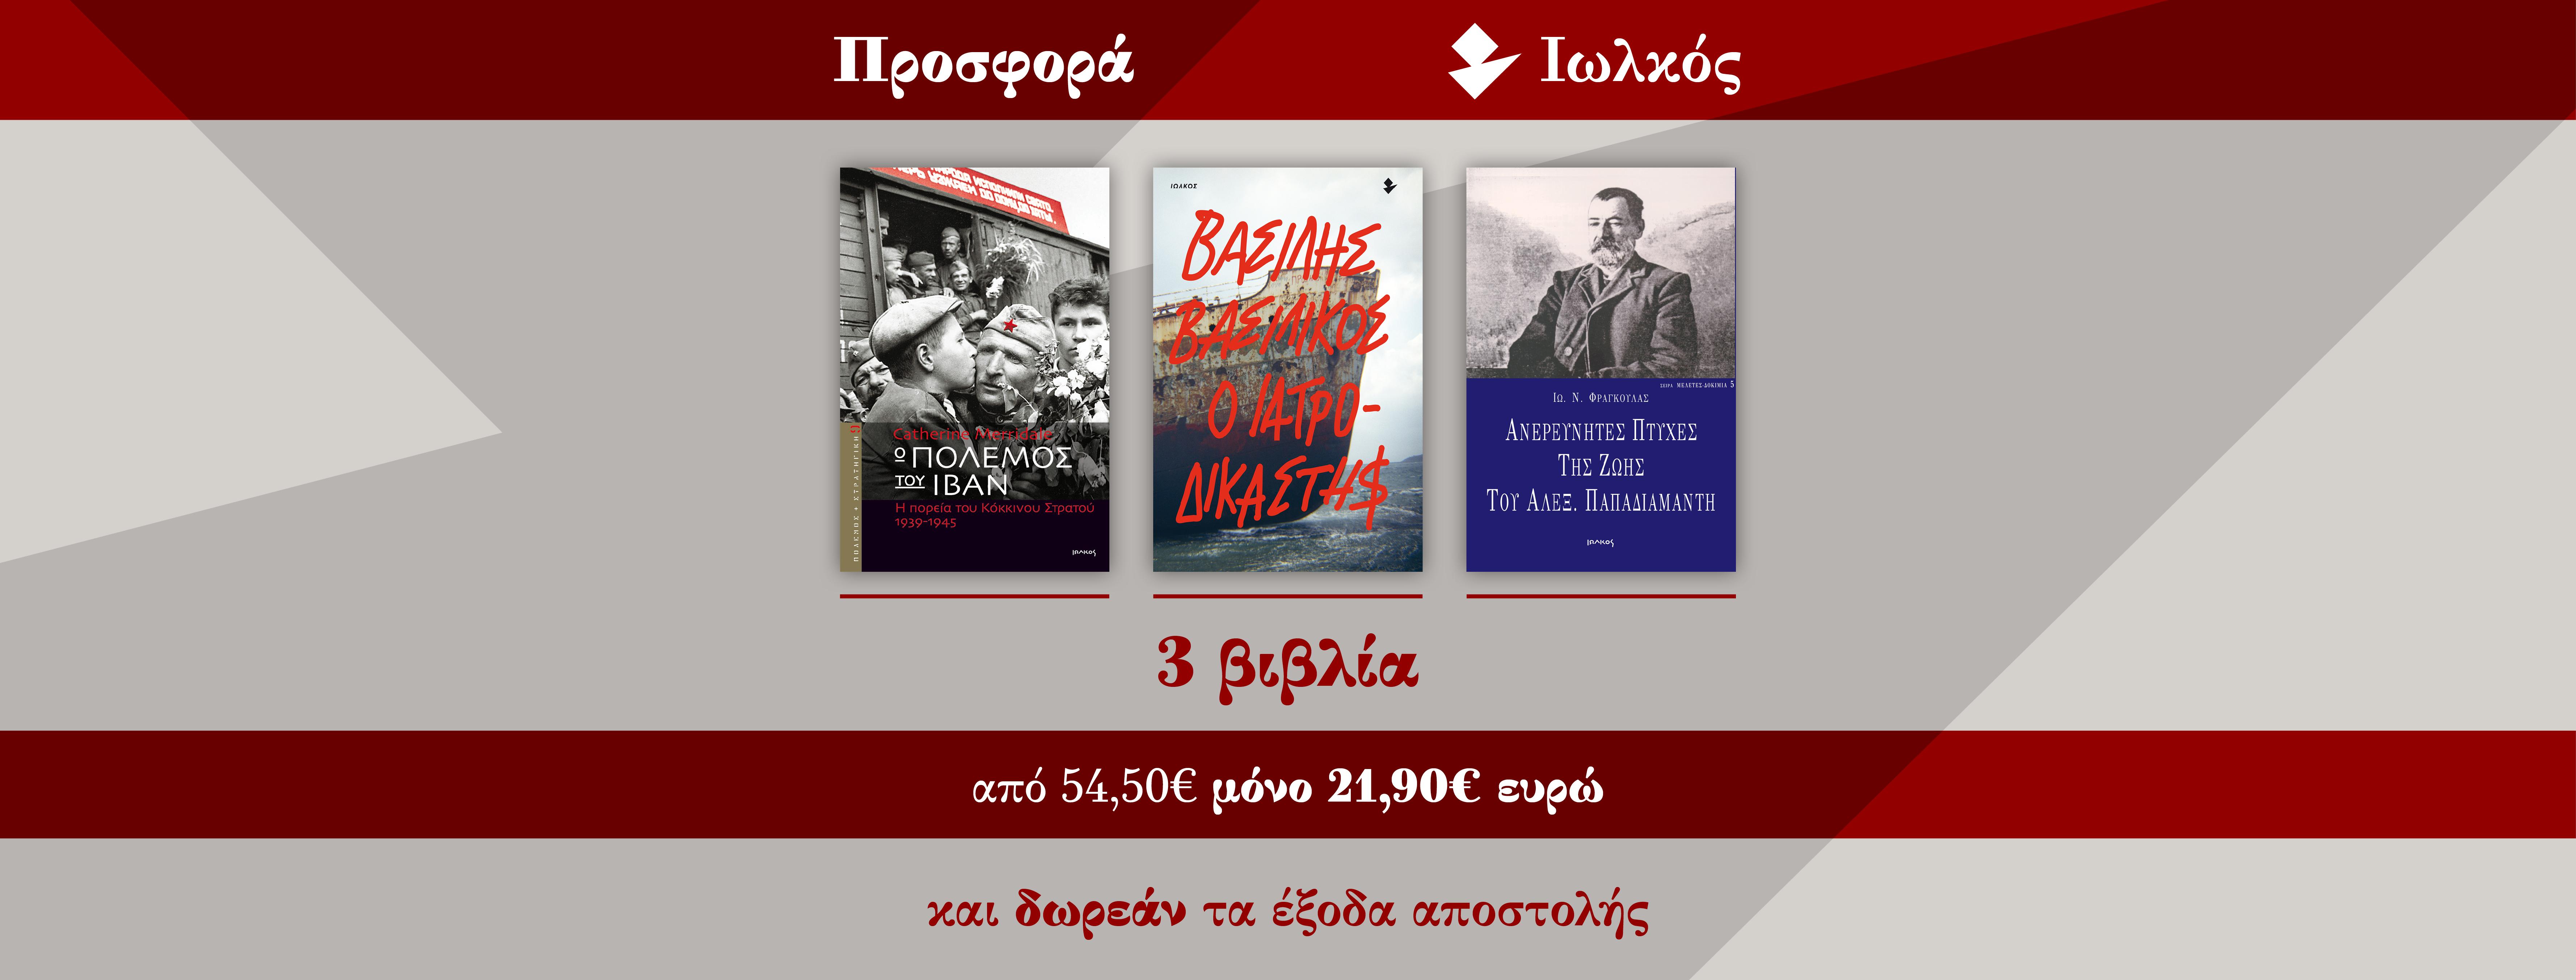 3 βιβλία   21,90 €   03-03-2021-21-90